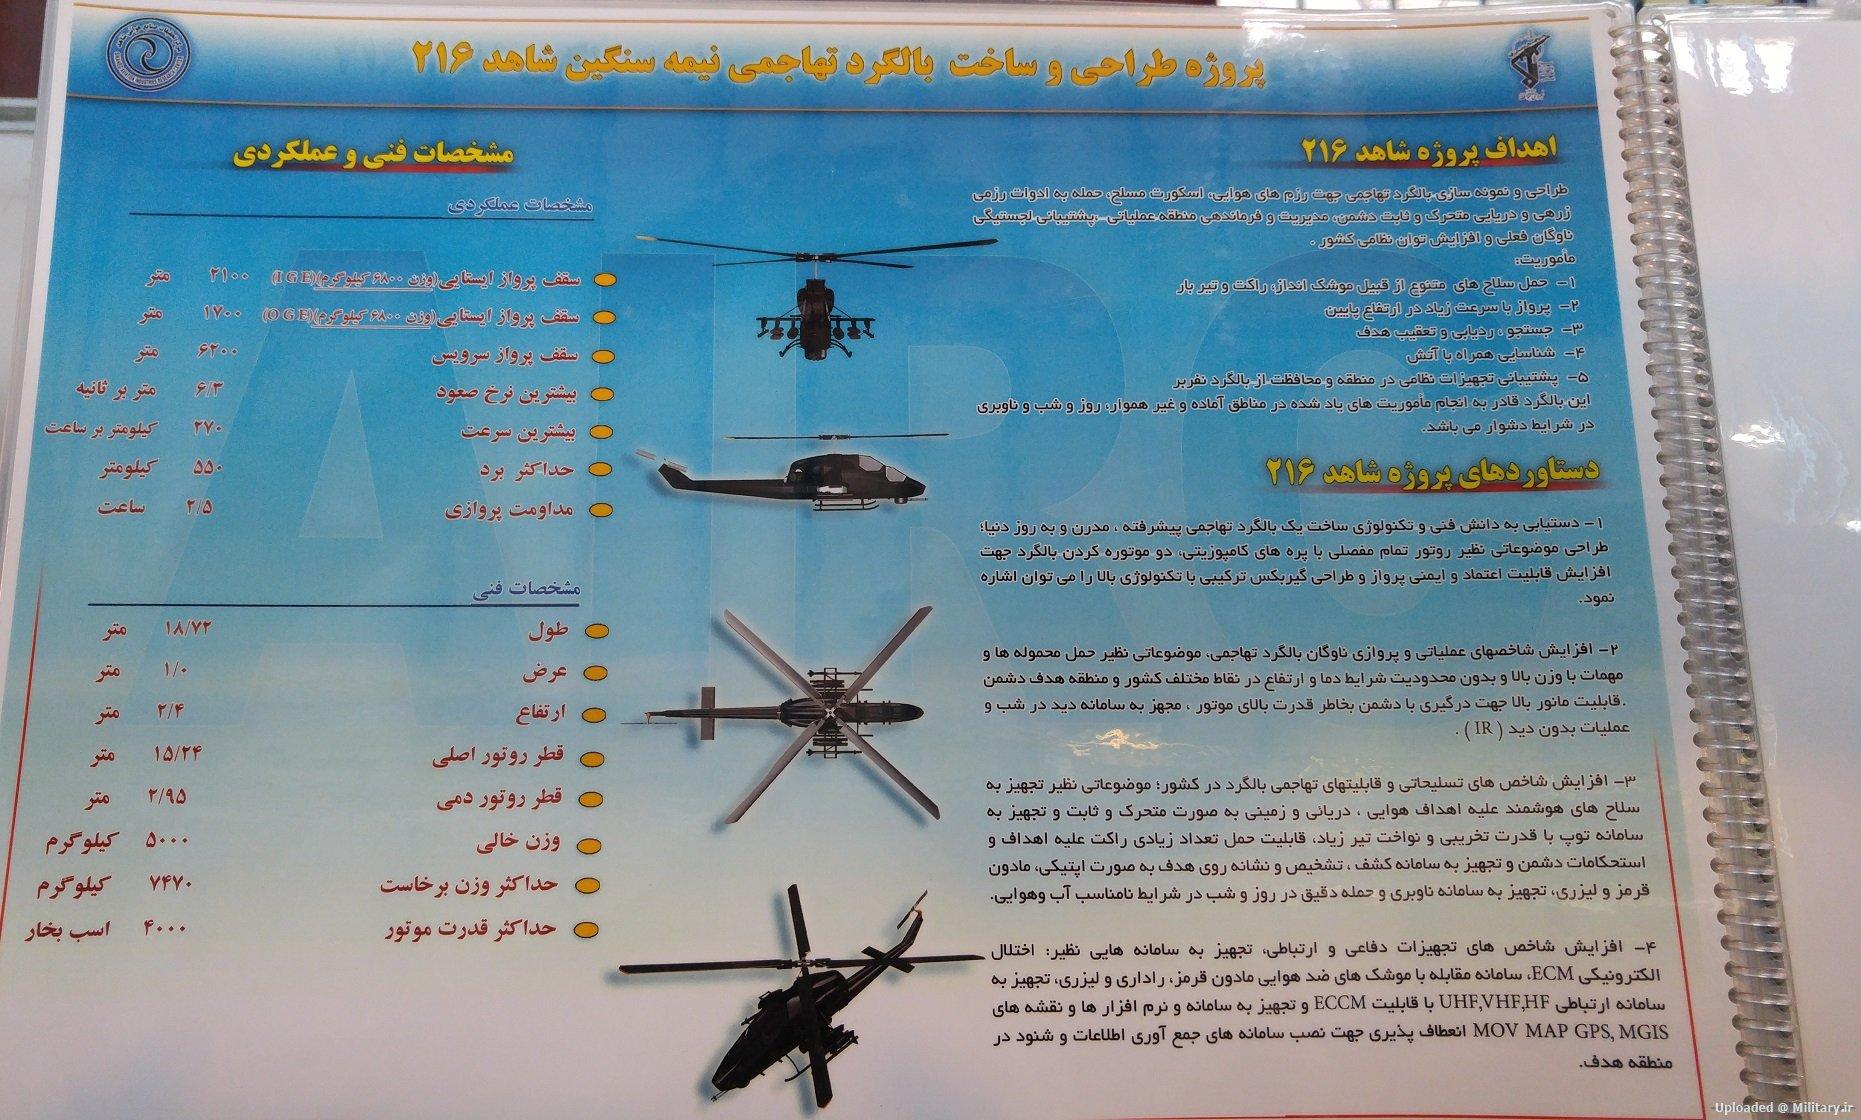 """إيران تعلن عن بدء إنتاج صواريخ """"ذو الفقار"""" الباليستية بعيدة المدى   20151125_143222"""